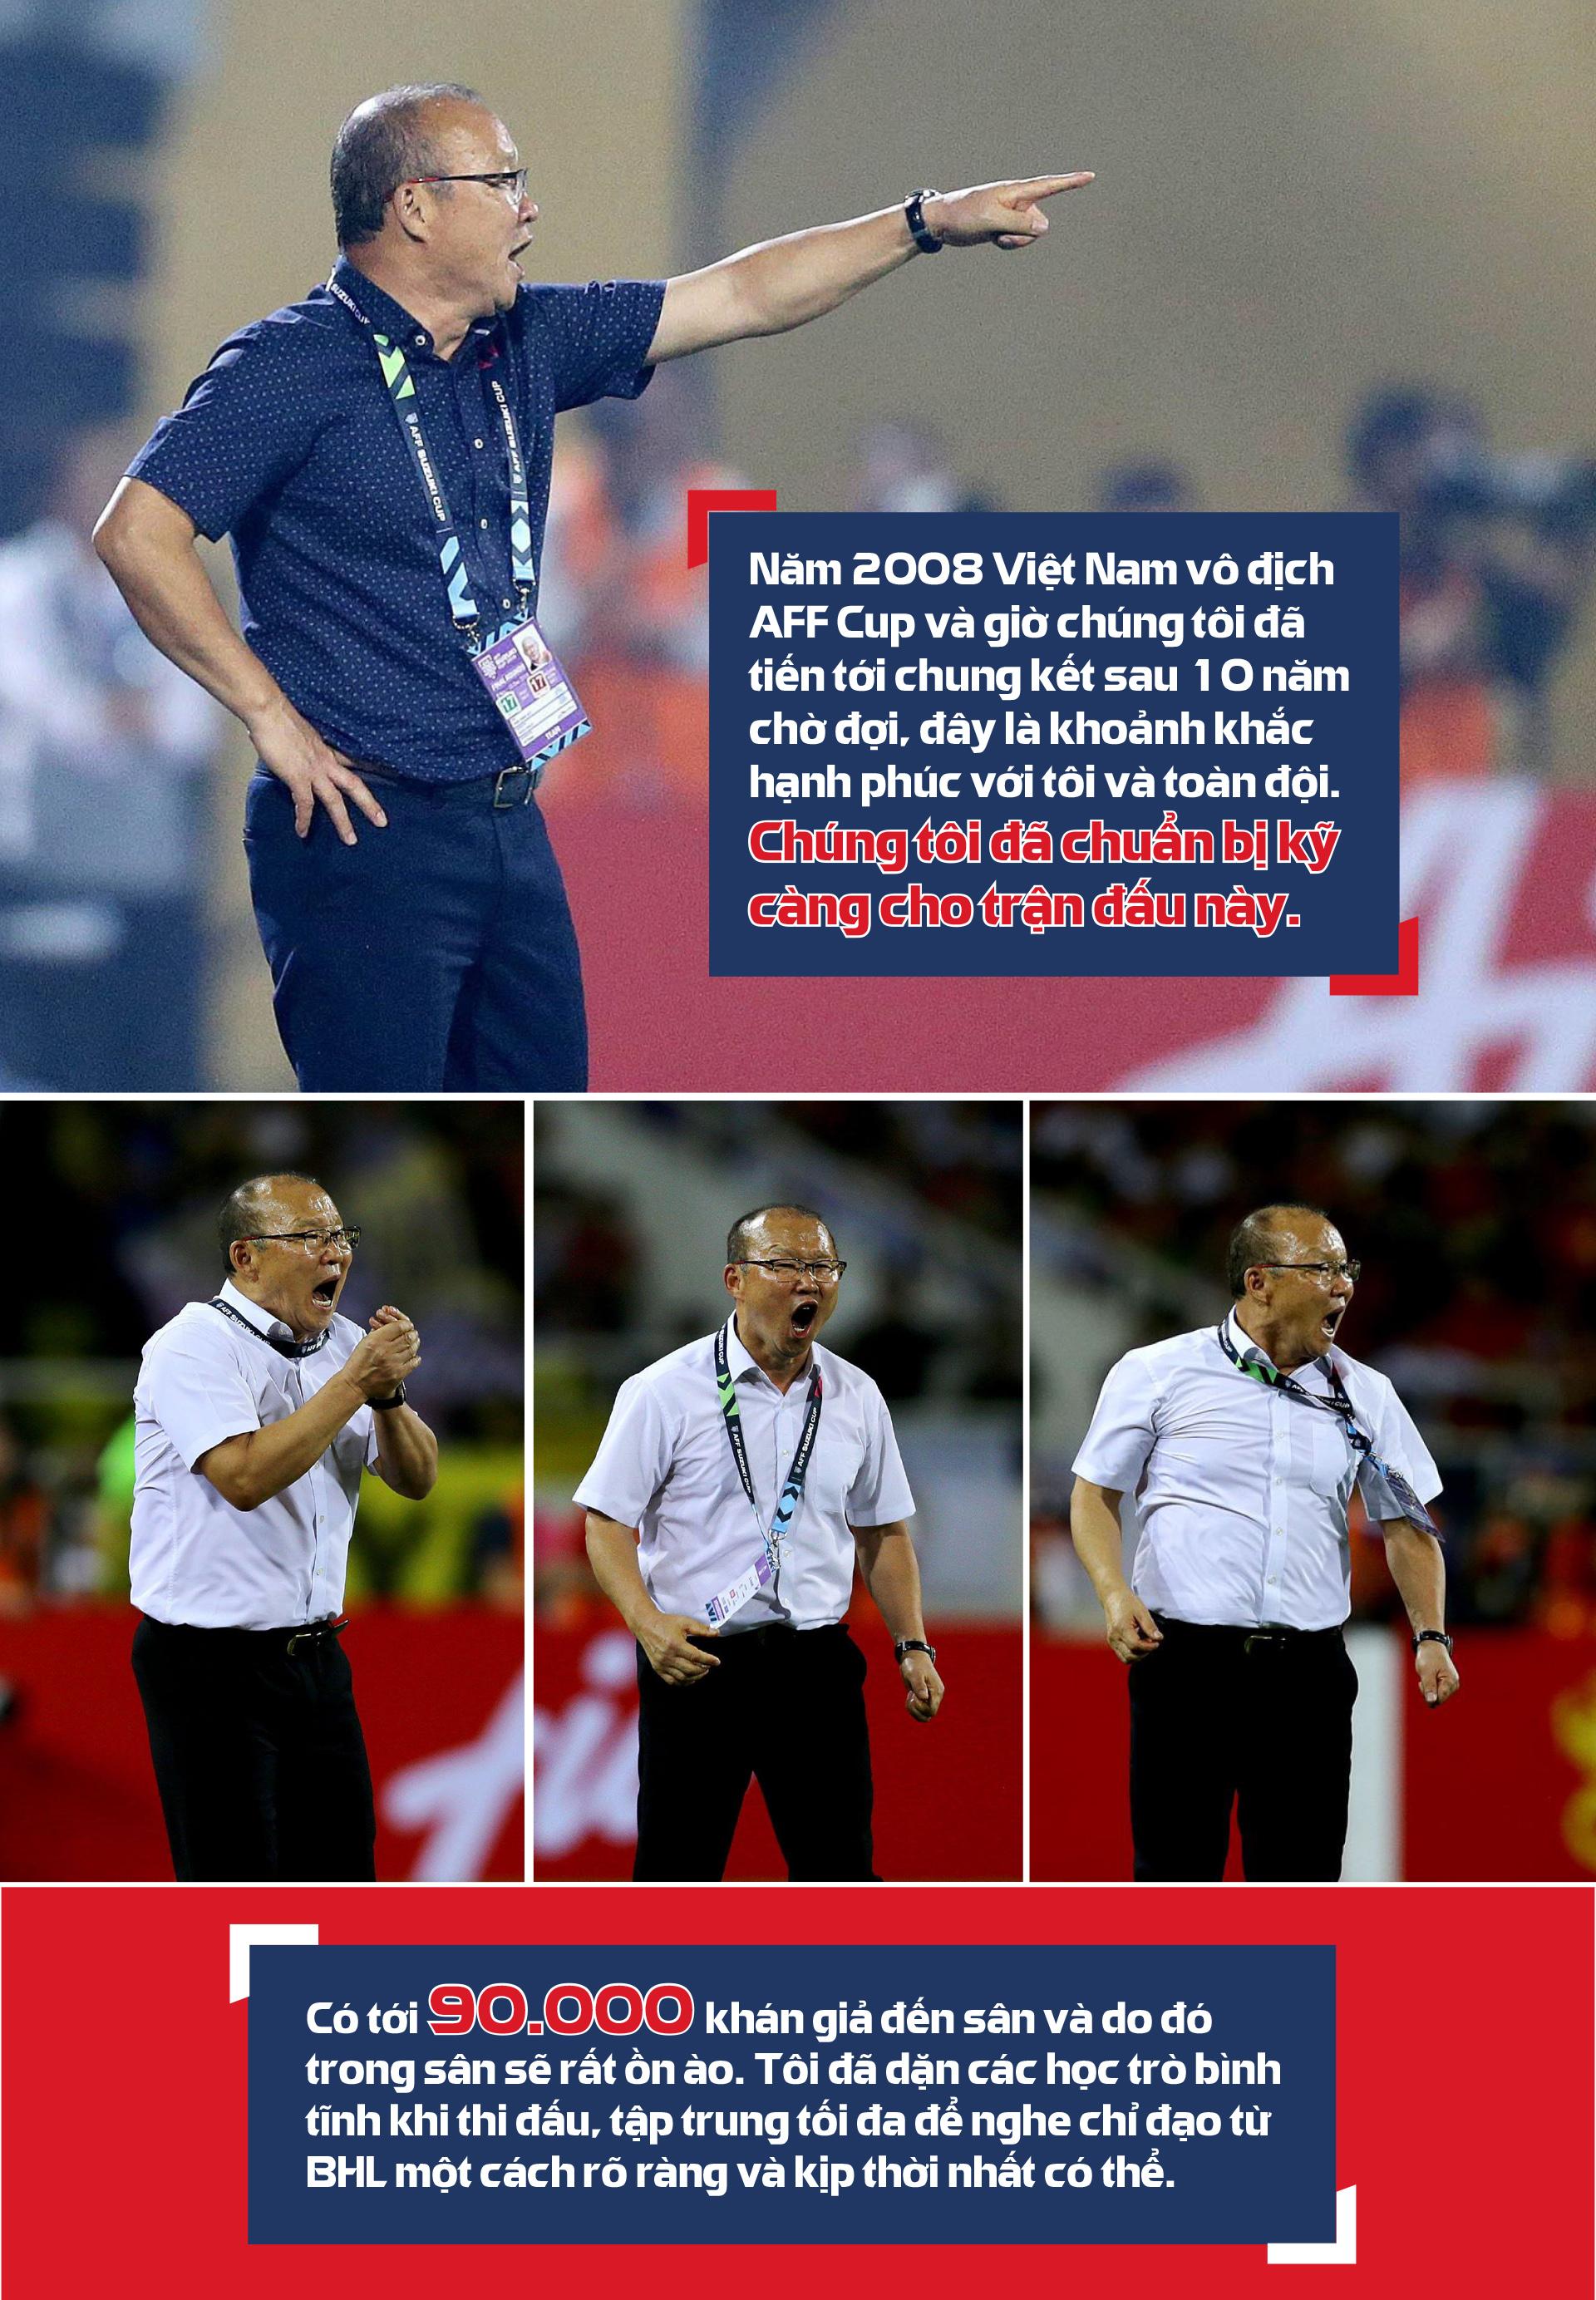 Chung kết lượt đi AFF Cup 2018, Malaysia - Việt Nam: Cuộc chiến không khoan nhượng ảnh 1